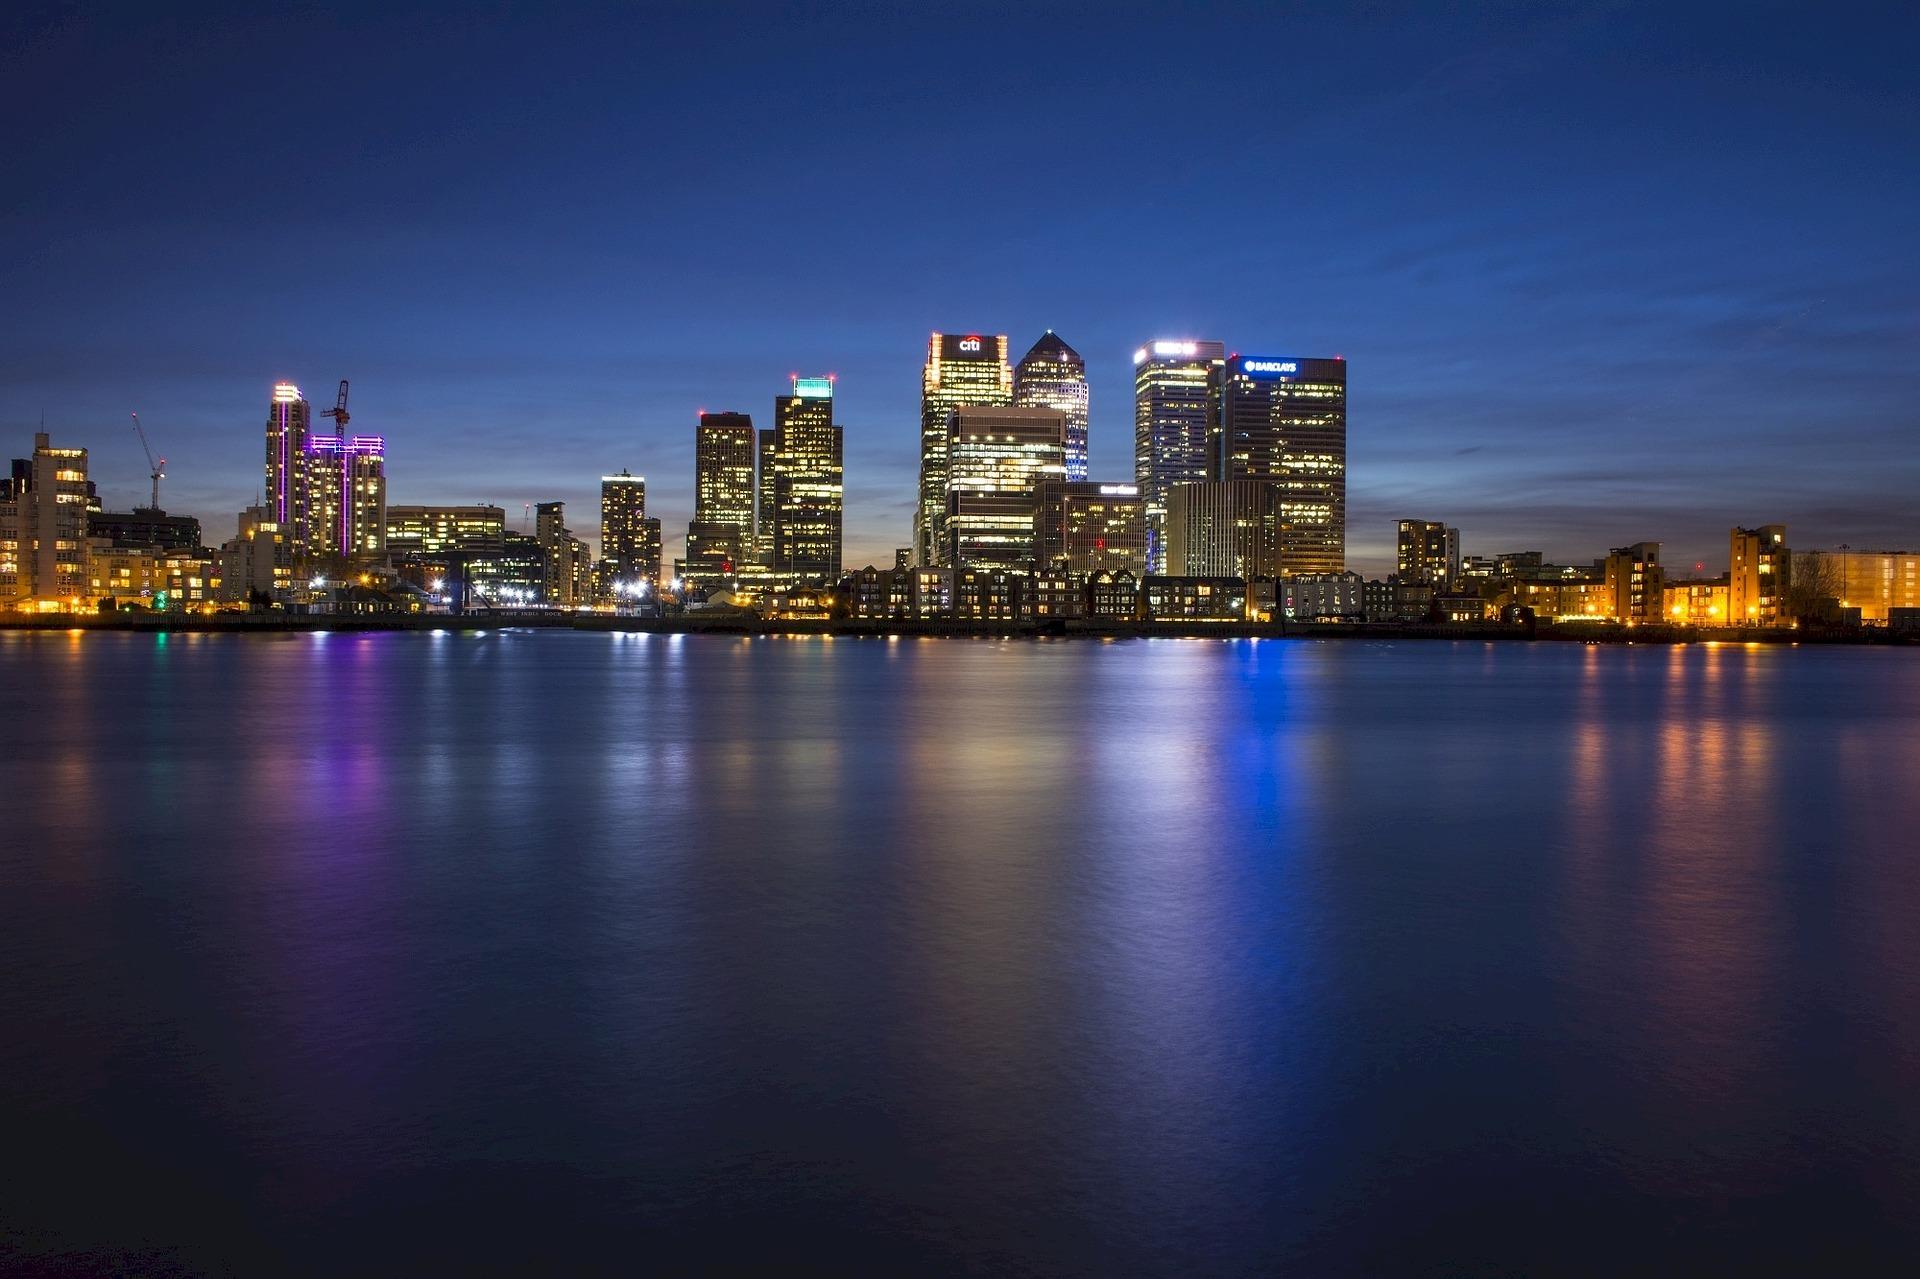 Khách Sạn Tại Luân Đôn Khách Sạn Tại London